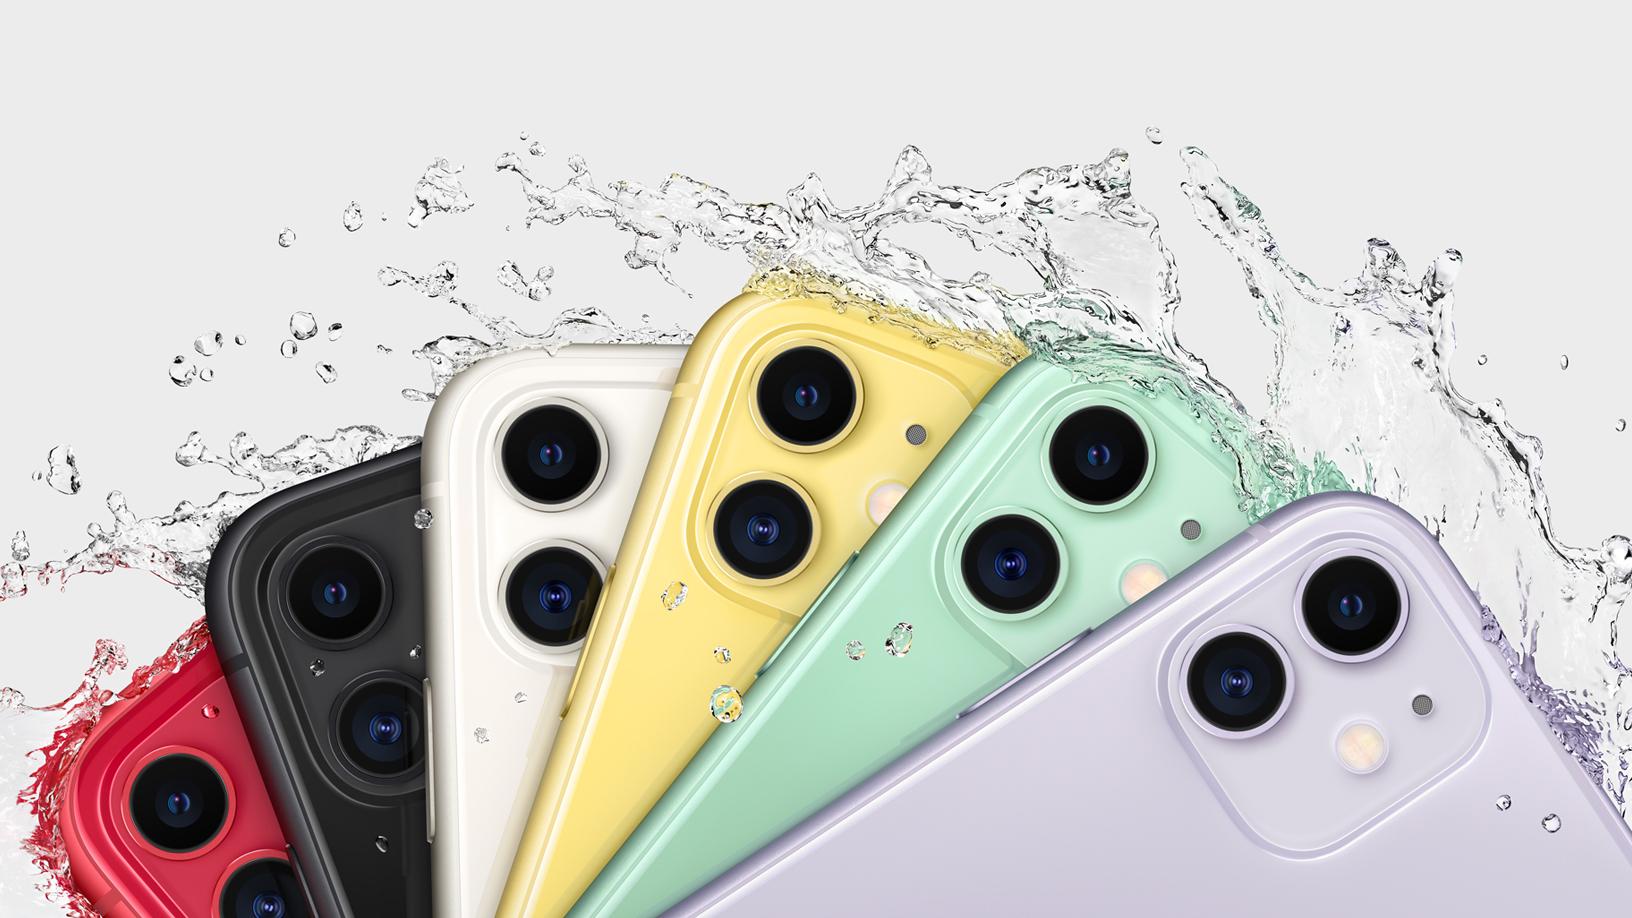 apple_iphone_11-water-resistant-091019.jpg